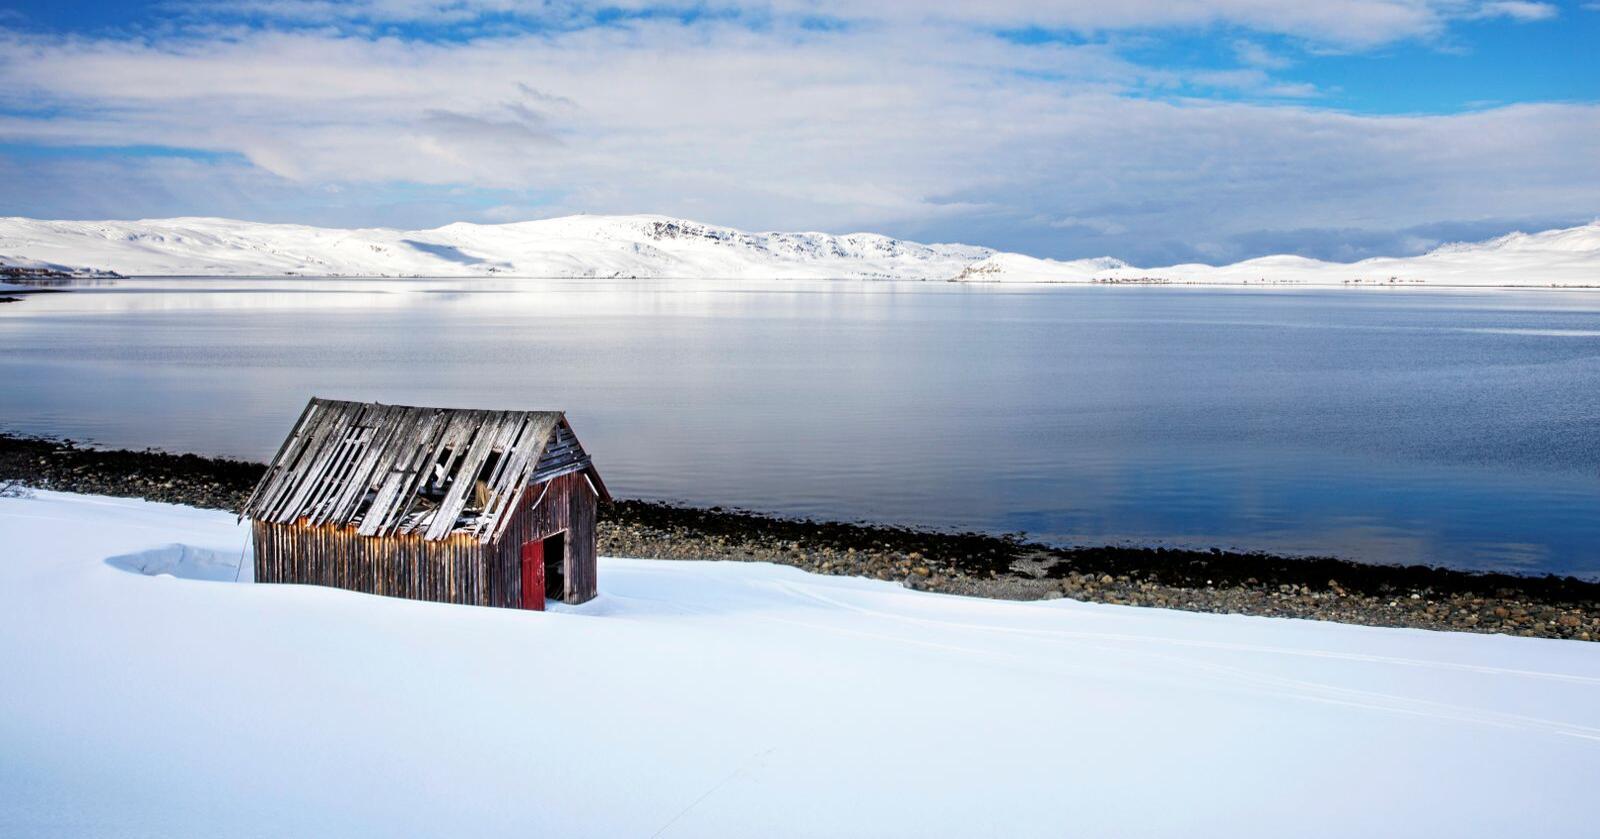 Viktig gyteområde for fisk: Repparfjorden. Foto: Ole Berg-Rusten / NTB Scanpix